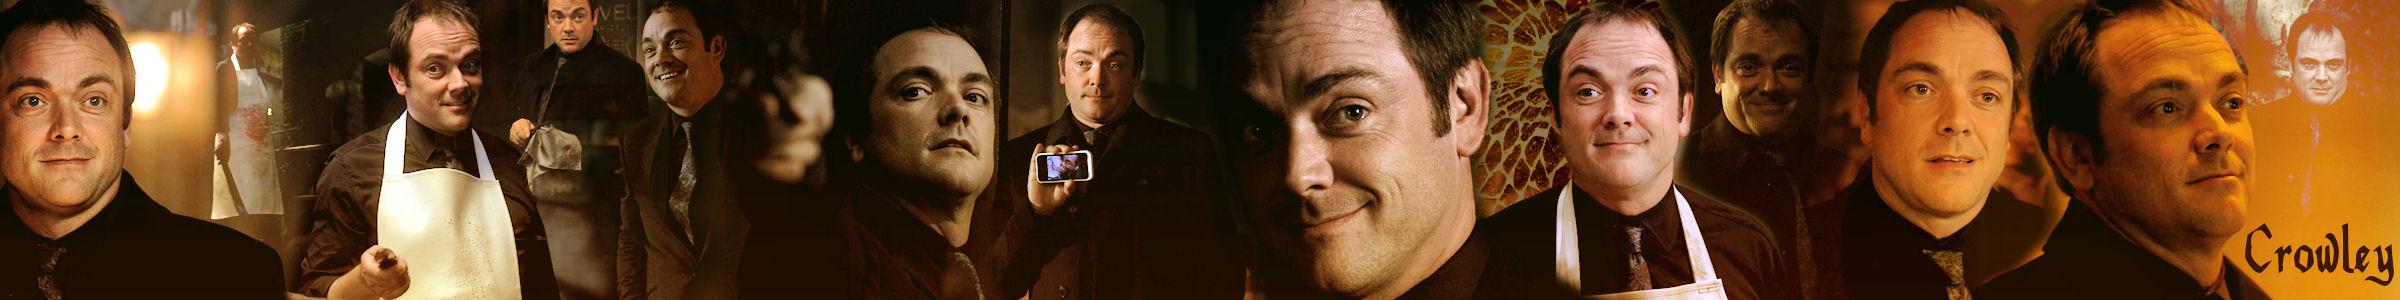 Crowley's Bones